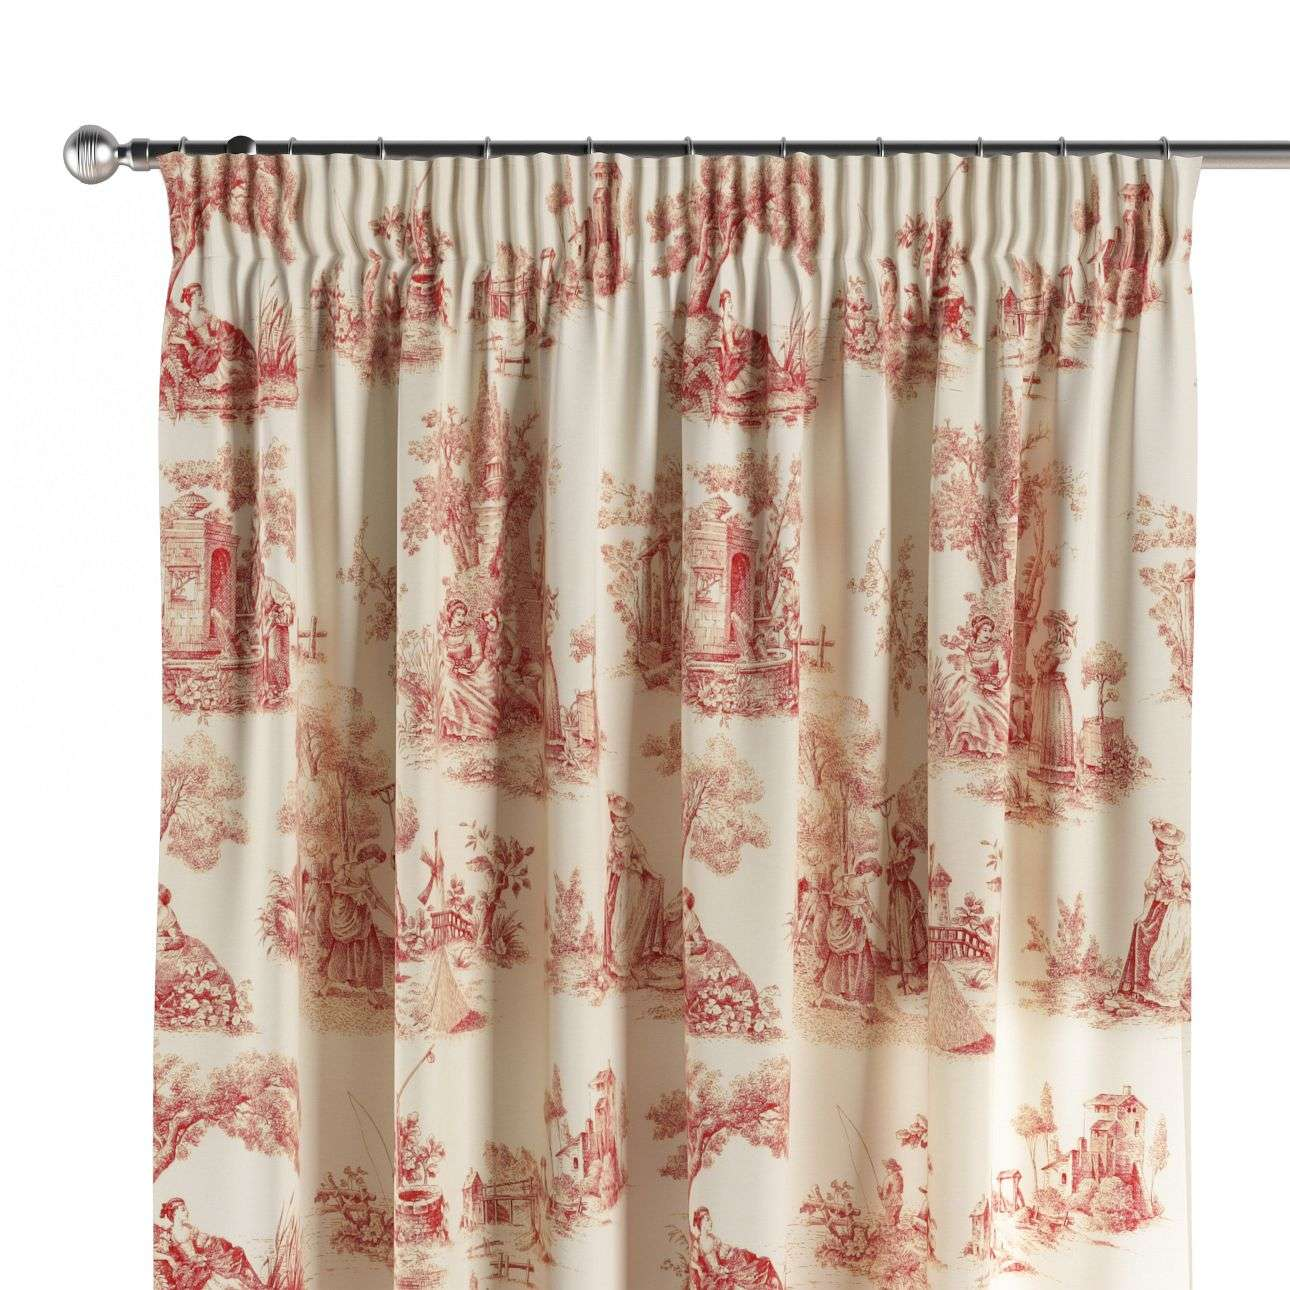 Vorhang mit Kräuselband 130 x 260 cm von der Kollektion Avinon, Stoff: 132-15